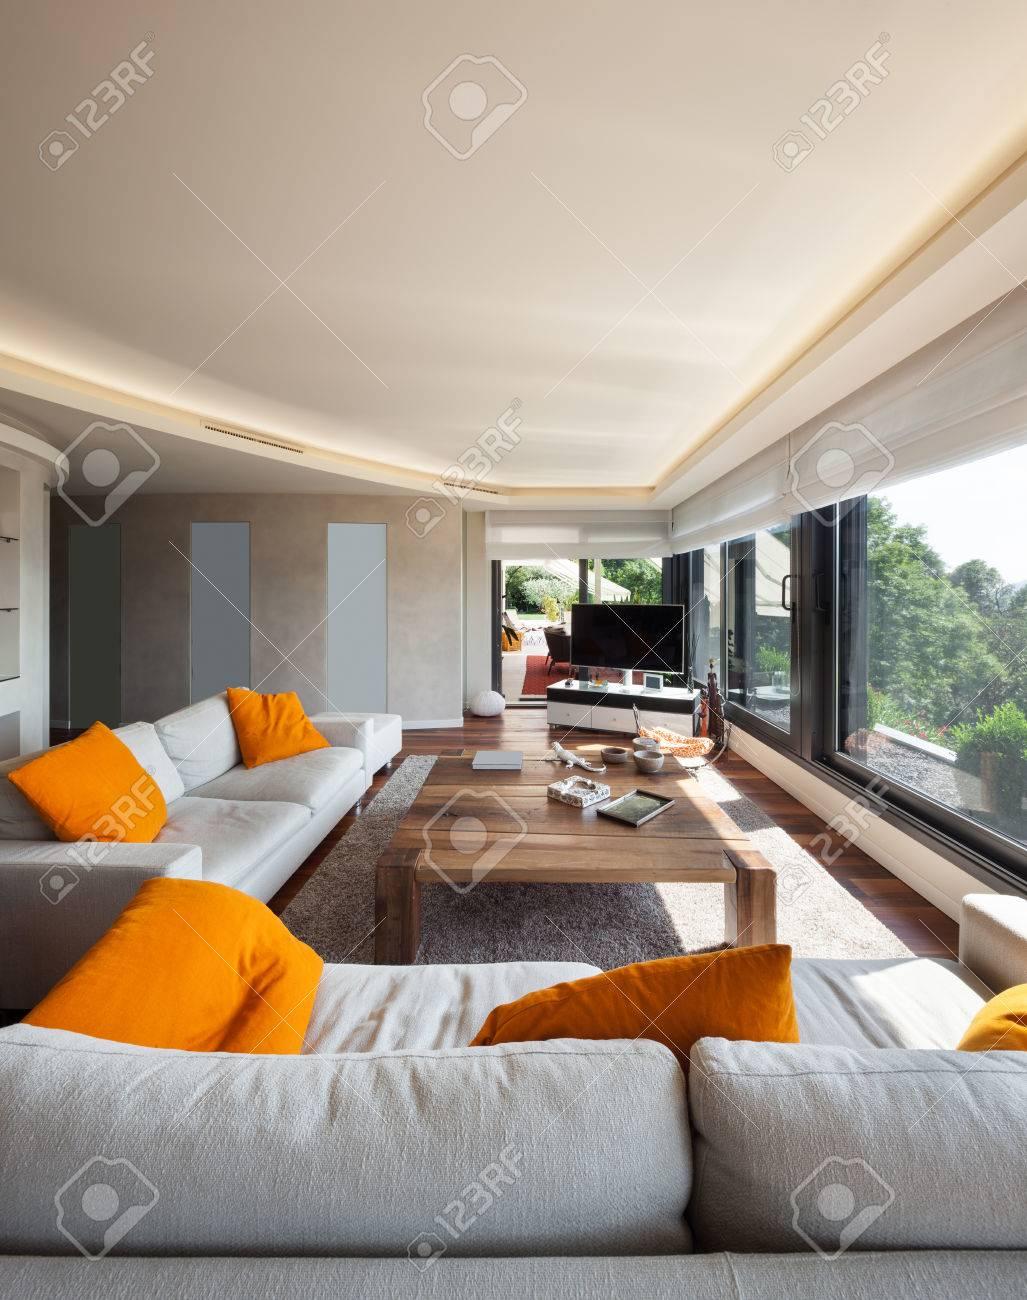 Interieur De Luxe Appartement intérieur, beau salon d'un appartement de luxe